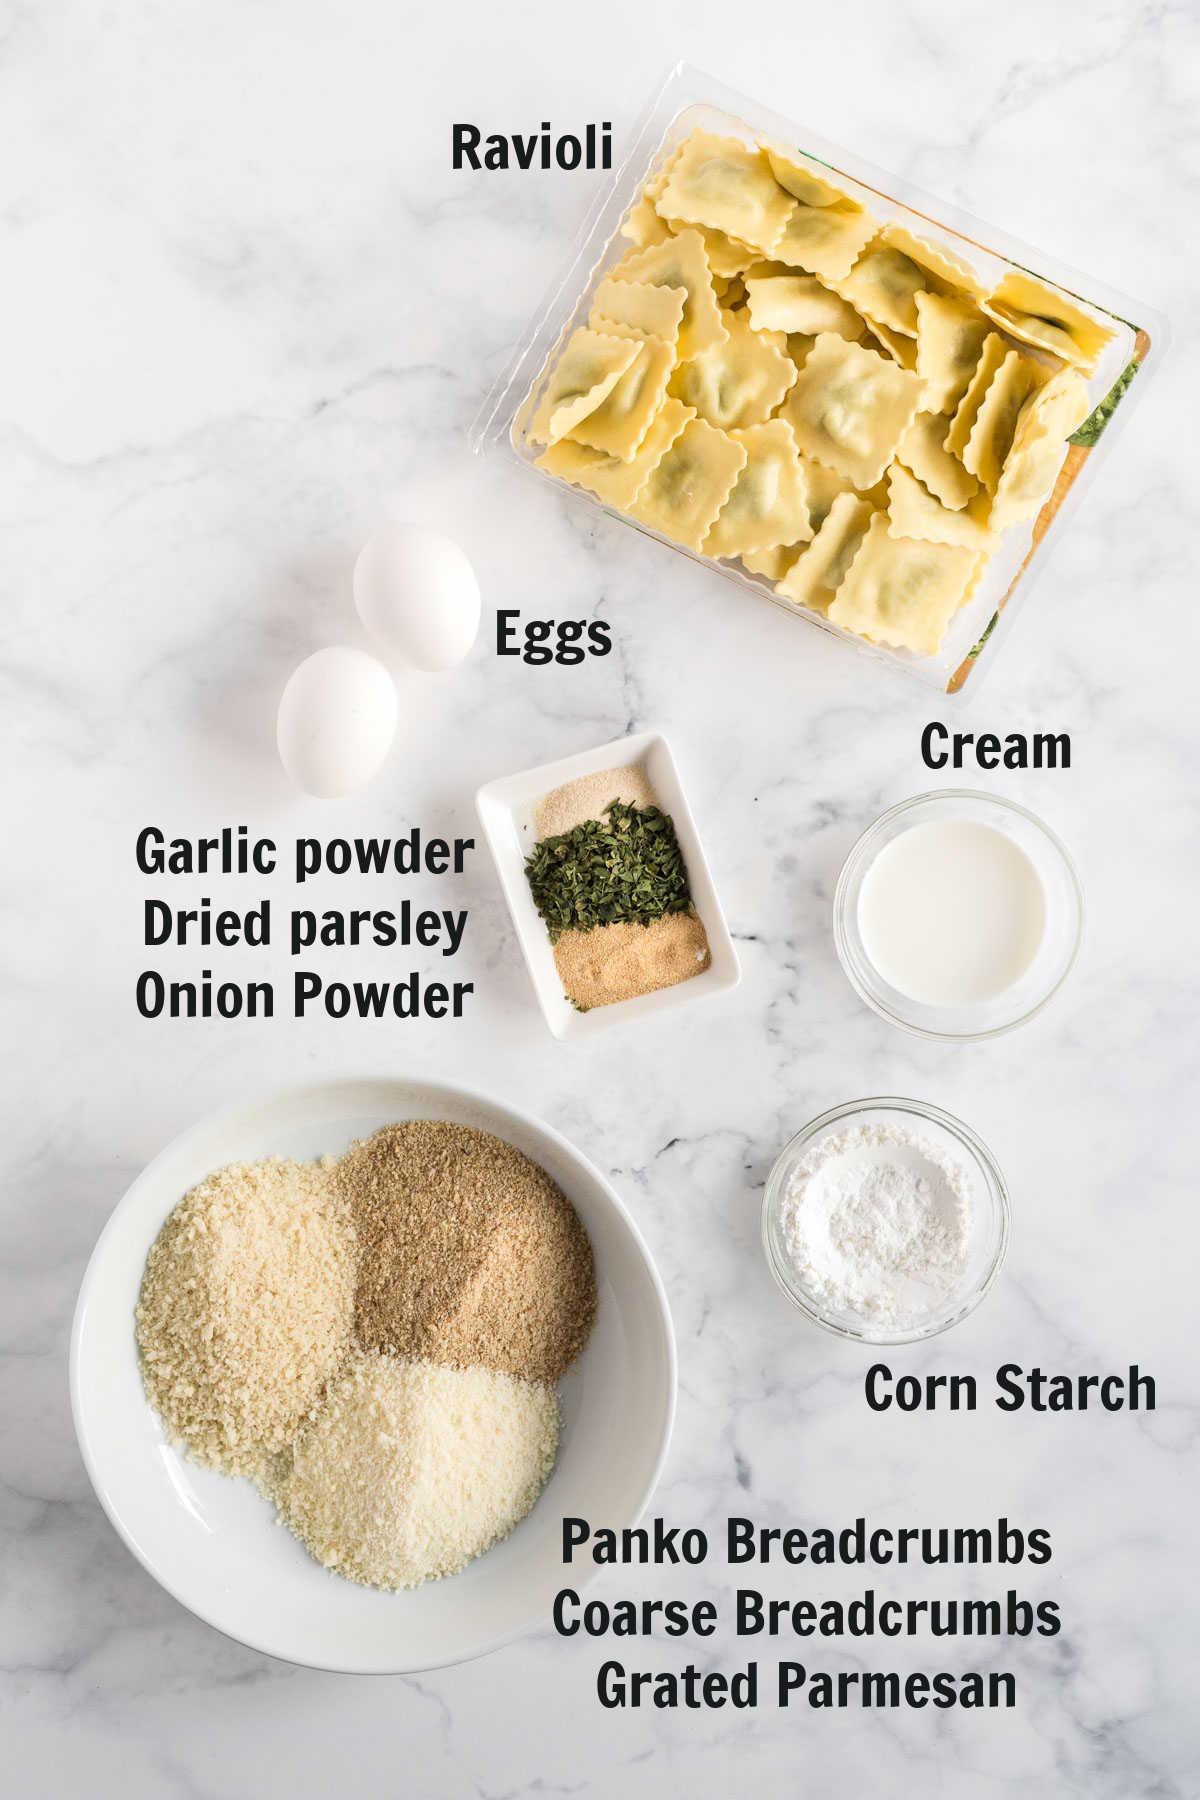 Ingredients for air fried ravioli.